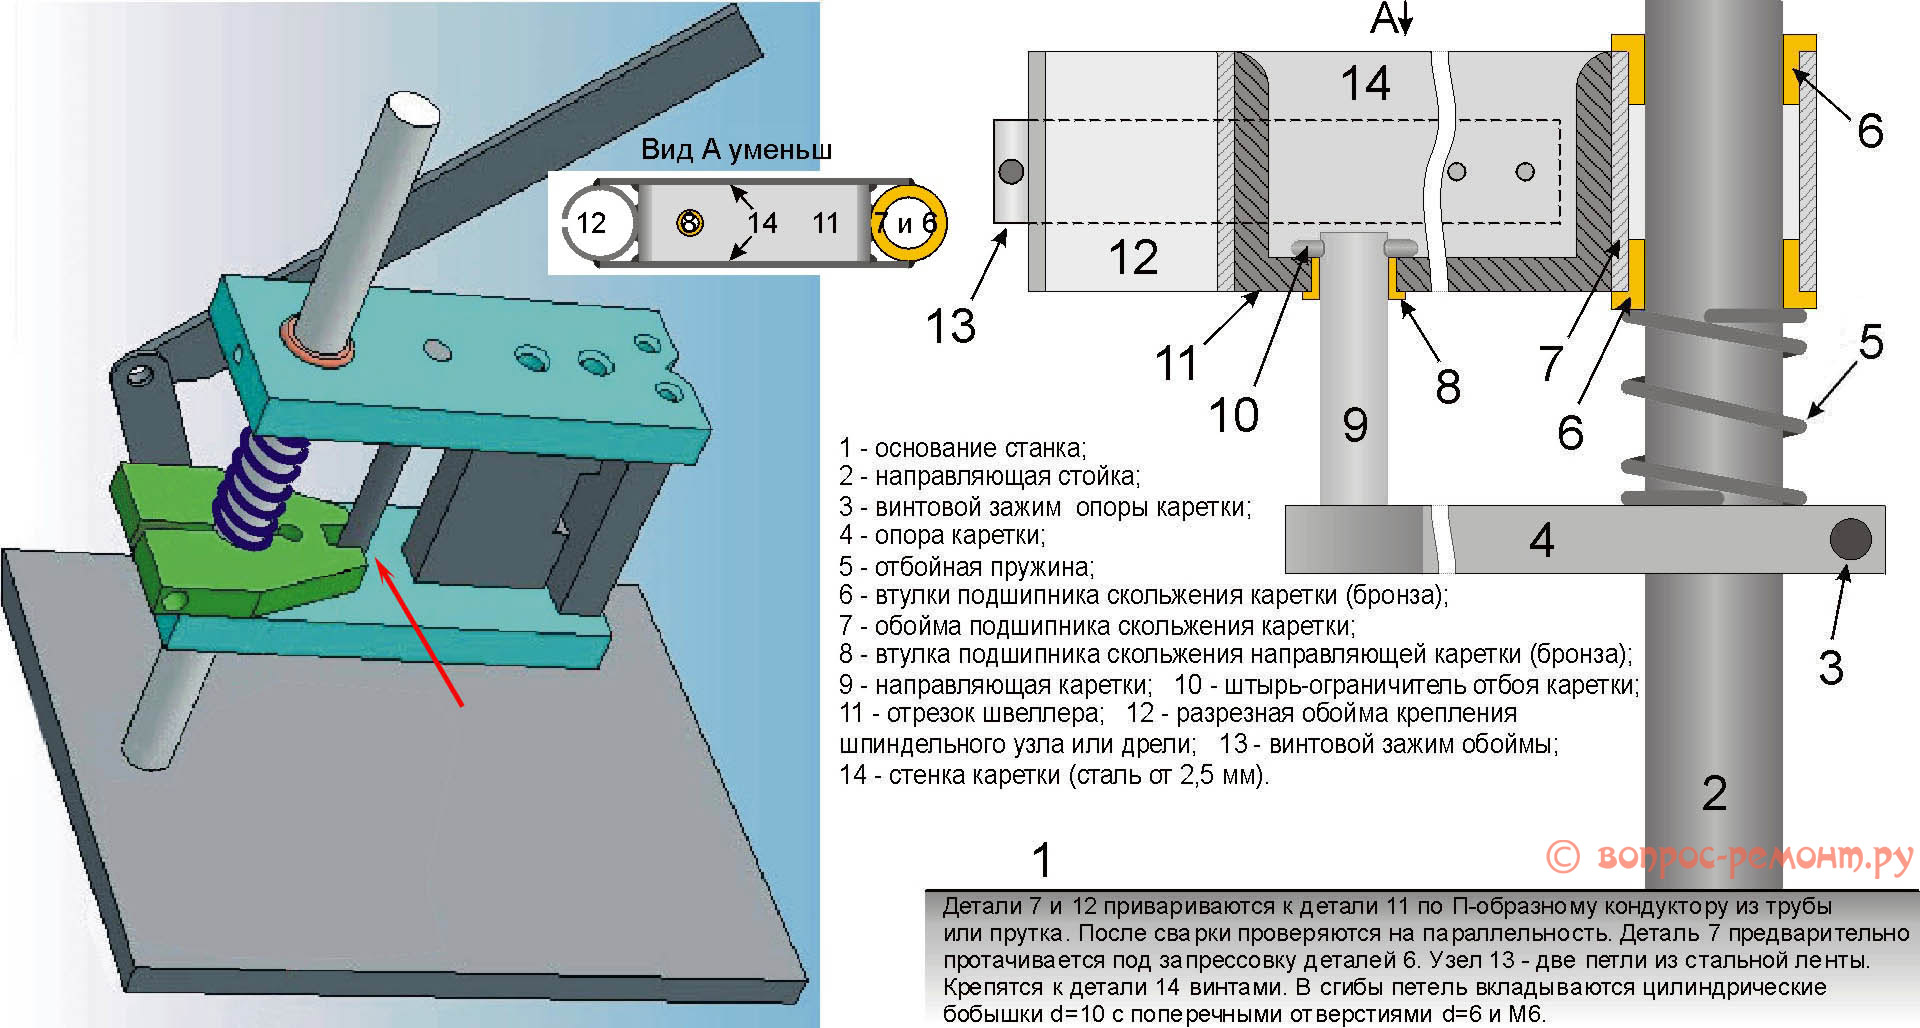 Конструкция консоли самодельного сверлильного станка